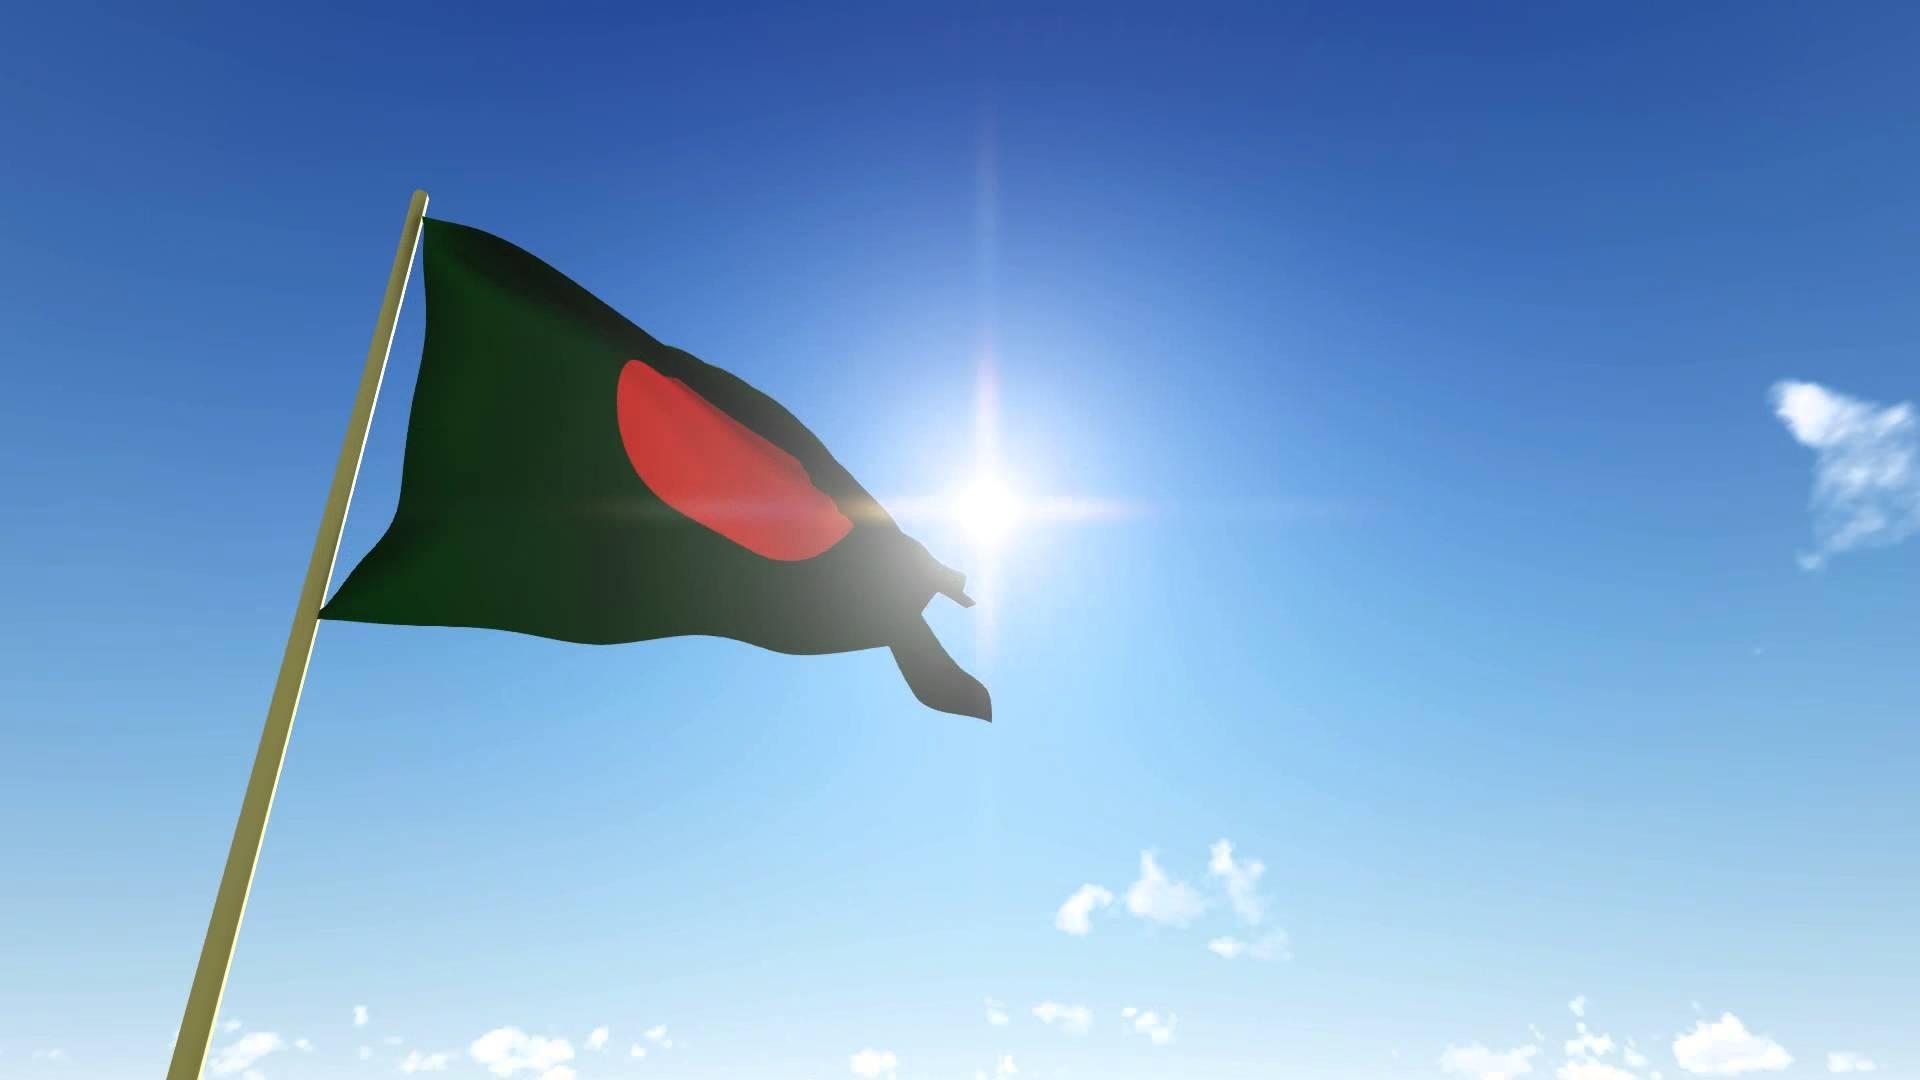 Bangladesh's National Flag